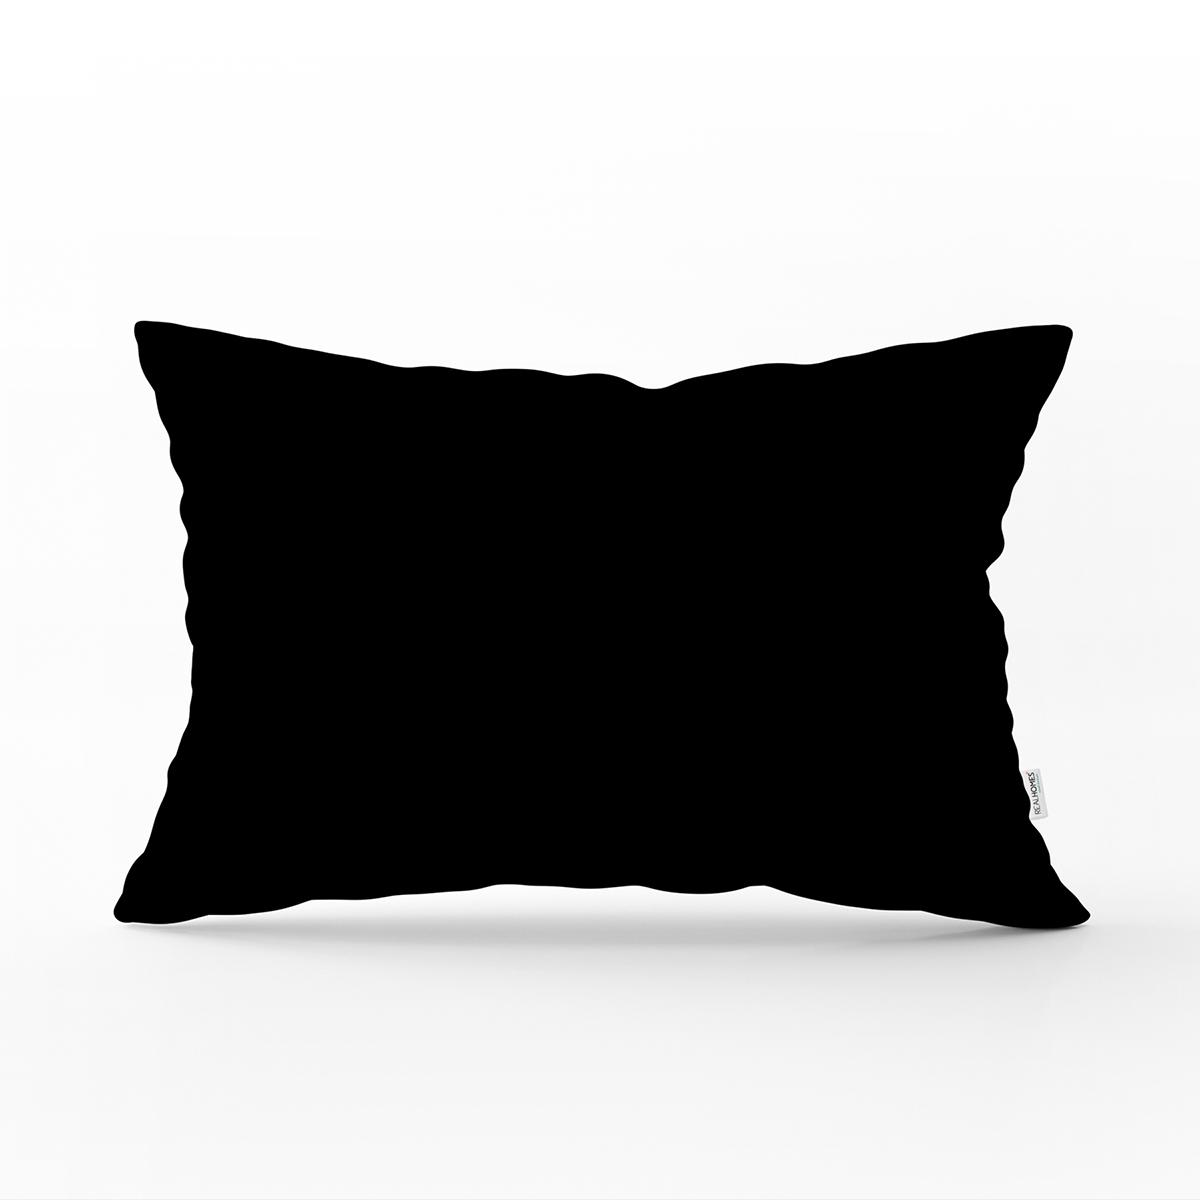 Siyah Renkli Özel Tasarım Dijital Baskılı Modern Dikdörtgen Yastık Kırlent Kılıfı Realhomes